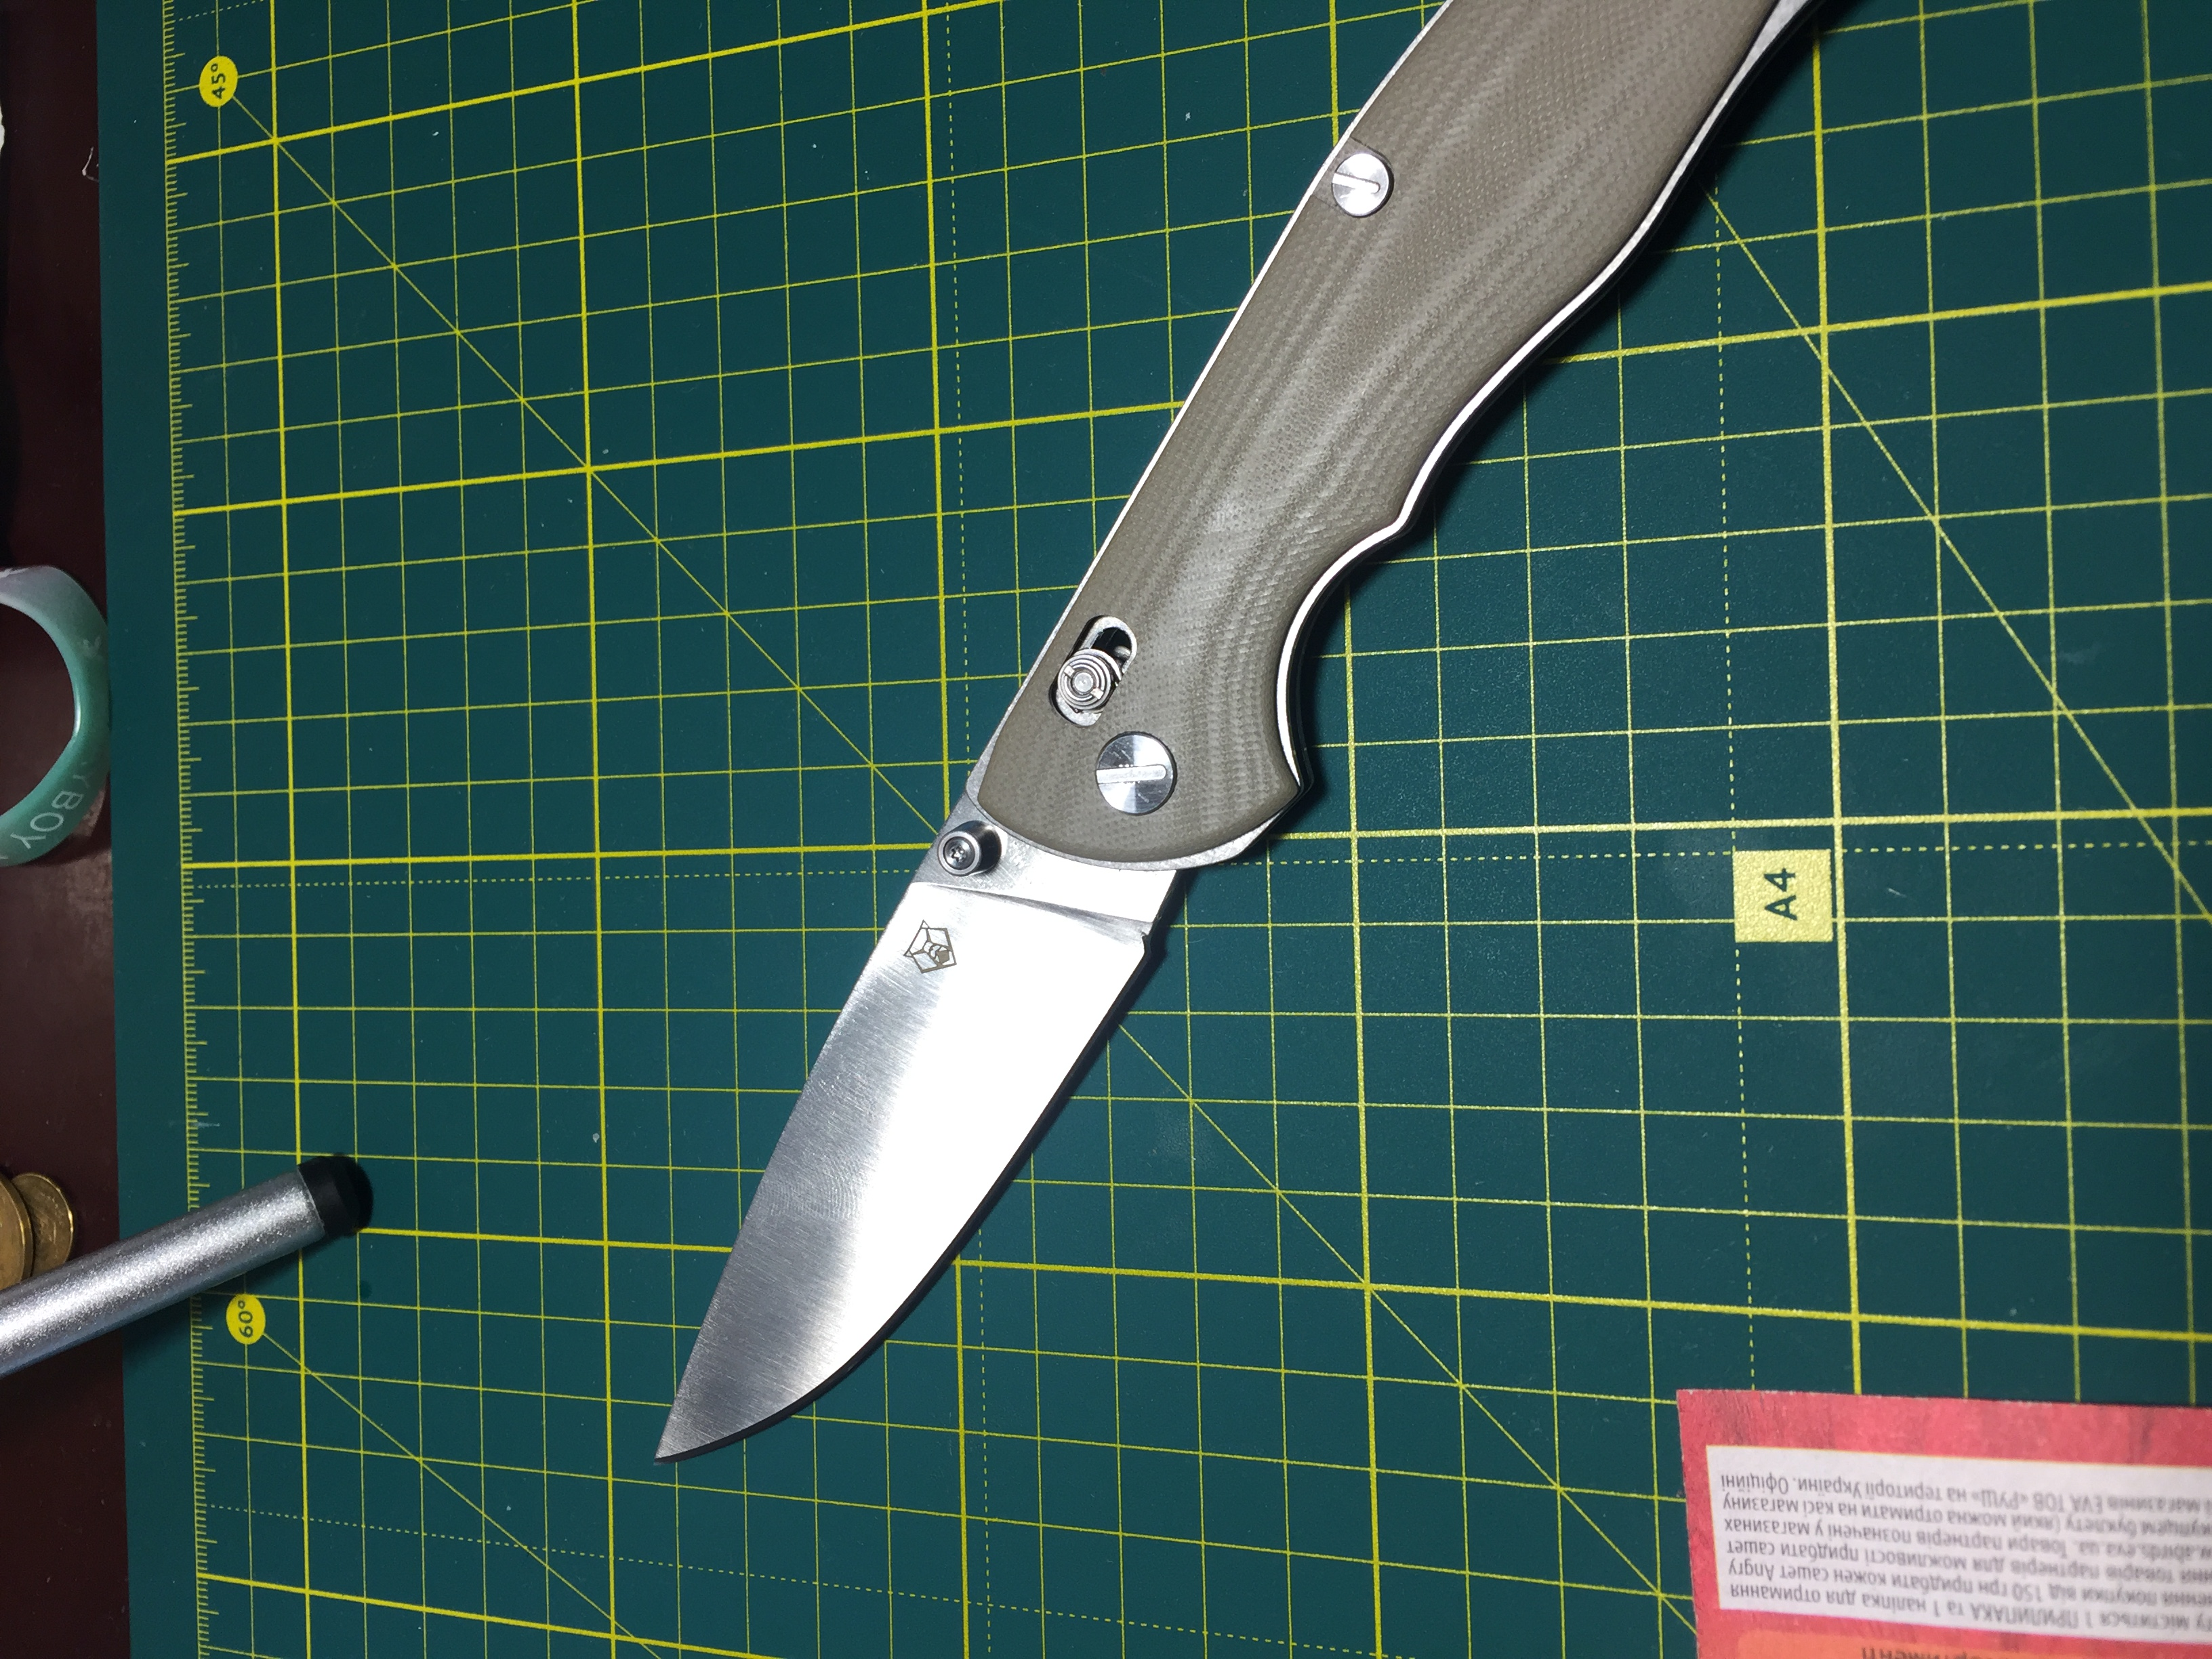 Фото Качественная заточка ножей: кухонных,складных, EDC и т.д  4